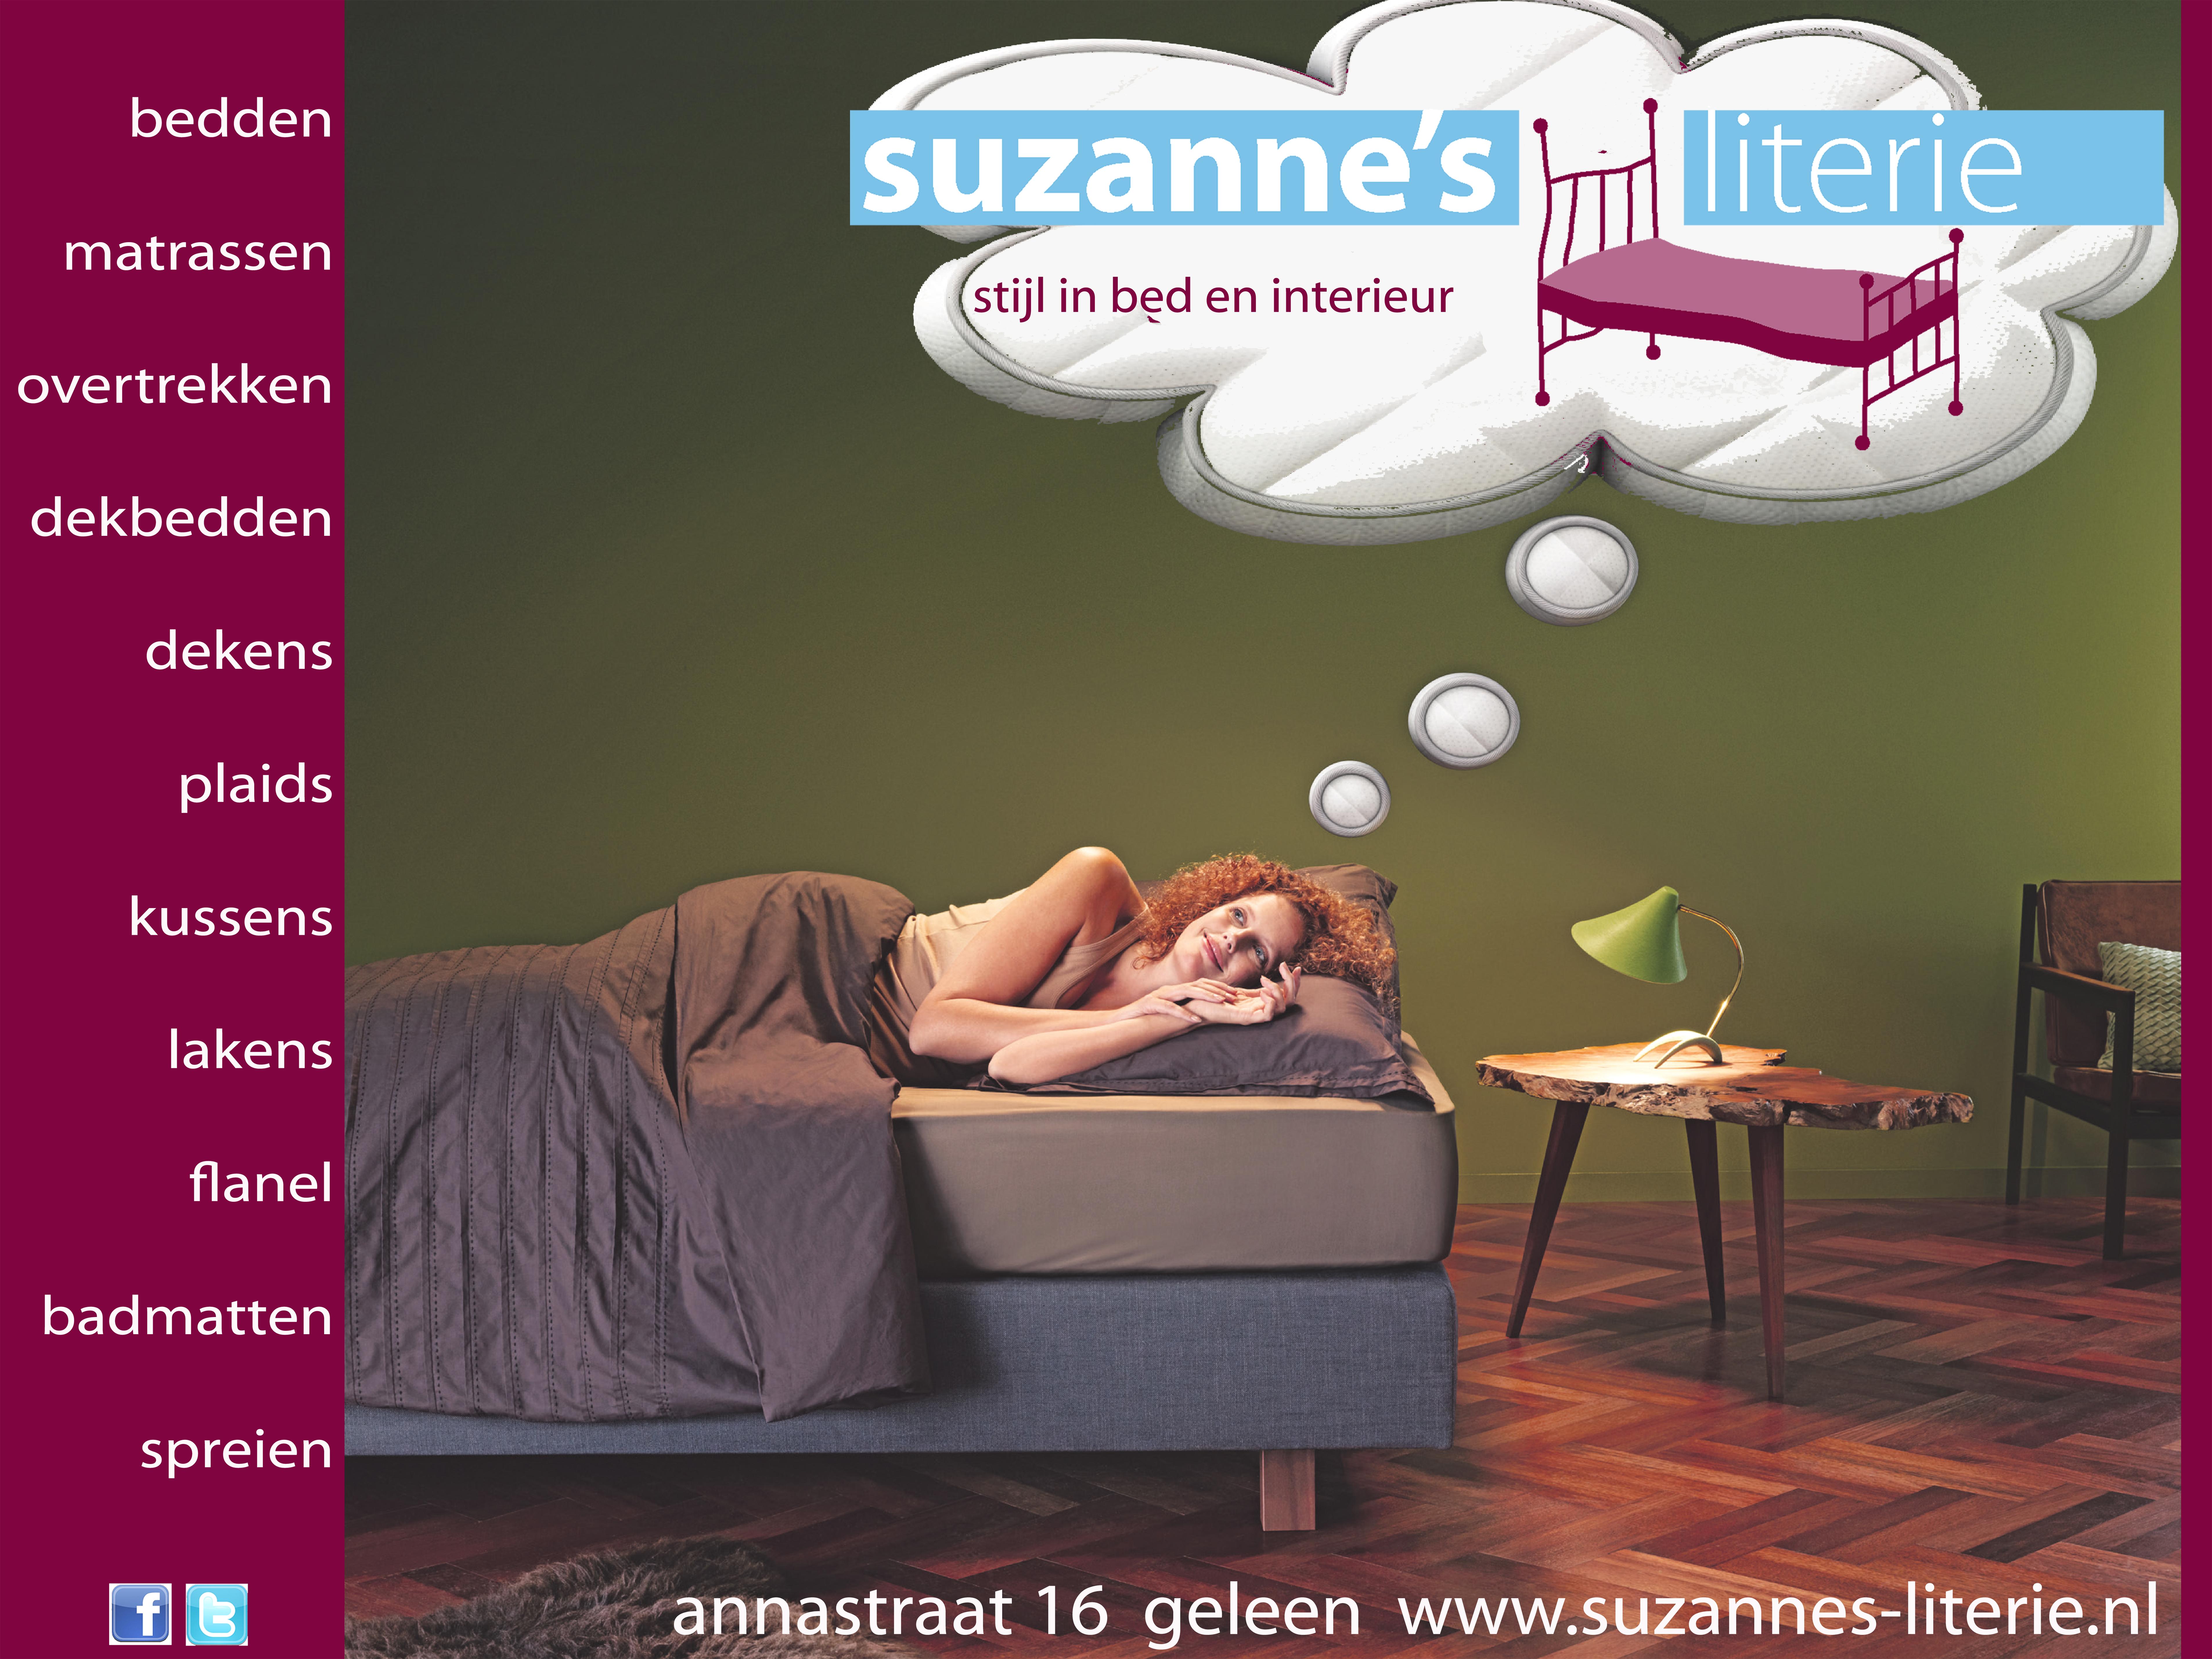 Suzanne's Literie